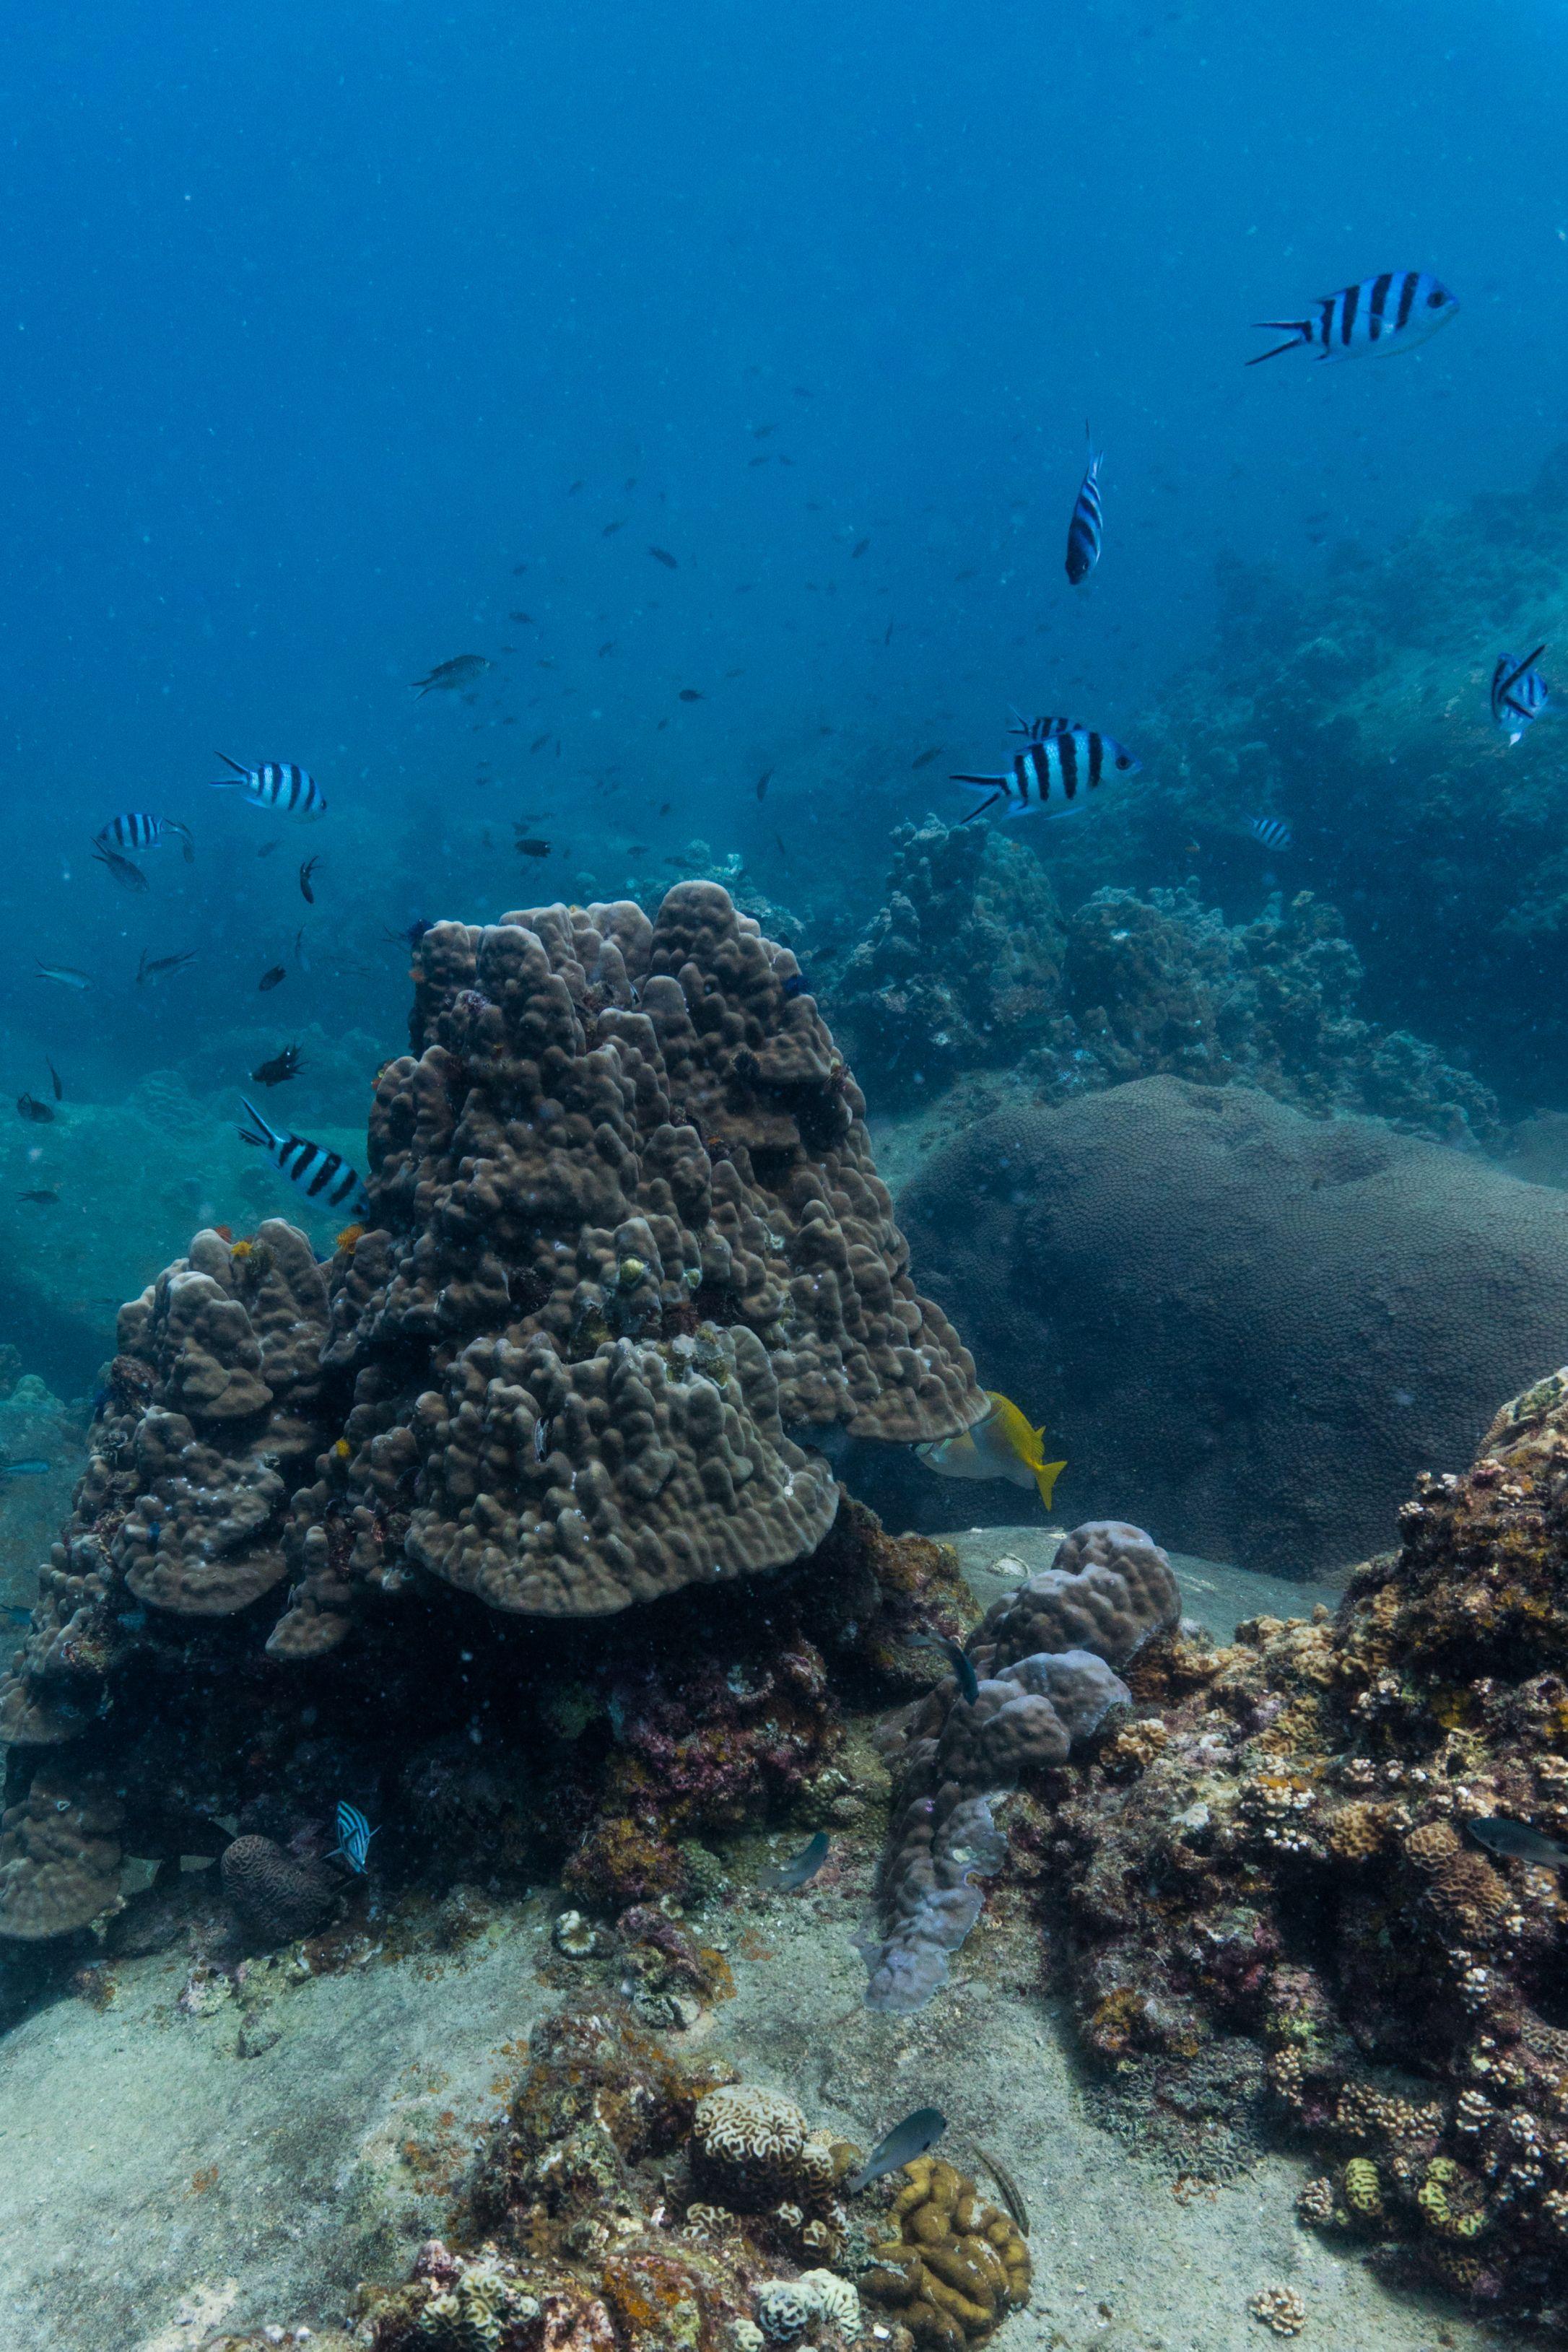 Thailand Tauchen Und Schnorcheln In Der Schonste Bucht Von Koh Tao Tauchen Thailand Thailand Und Bucht